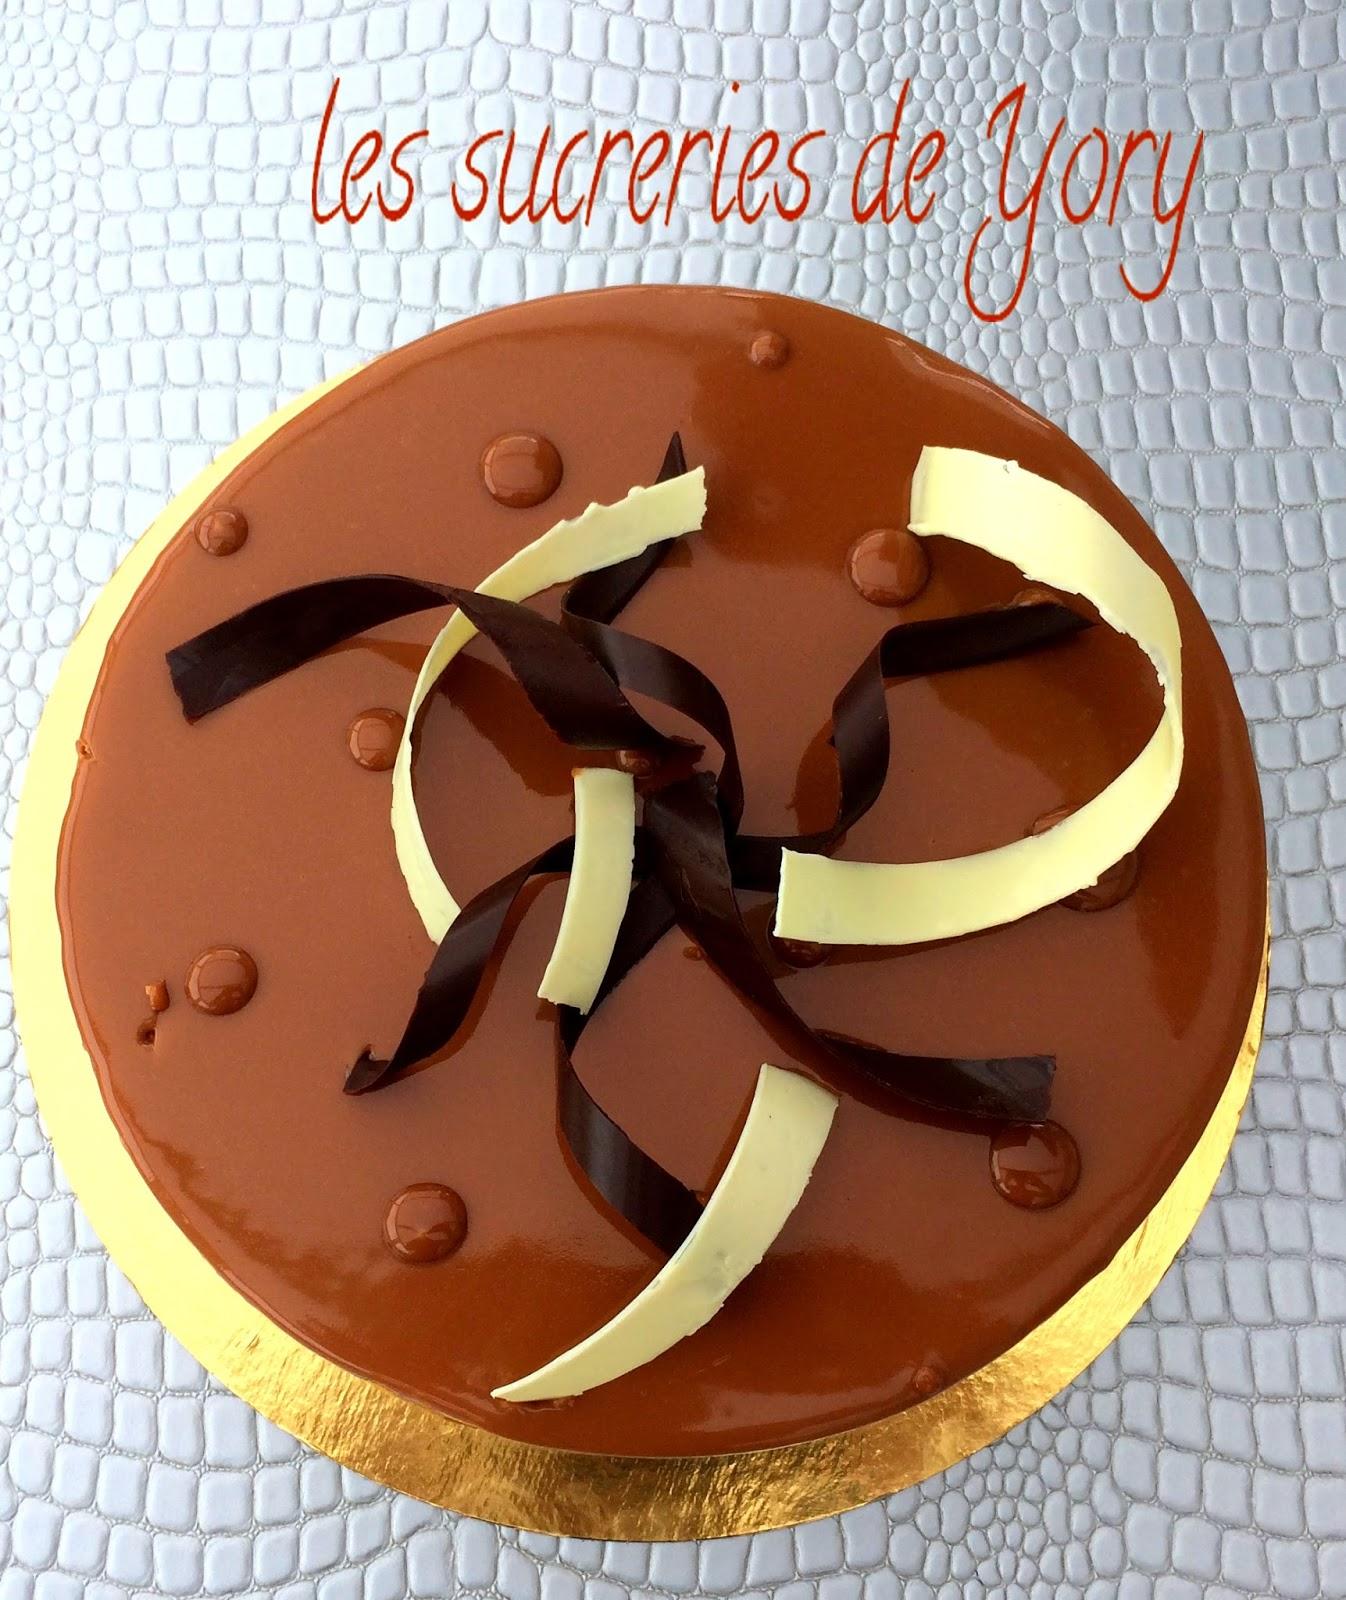 les sucreries de Yory Entremet chocolat au lait vanille